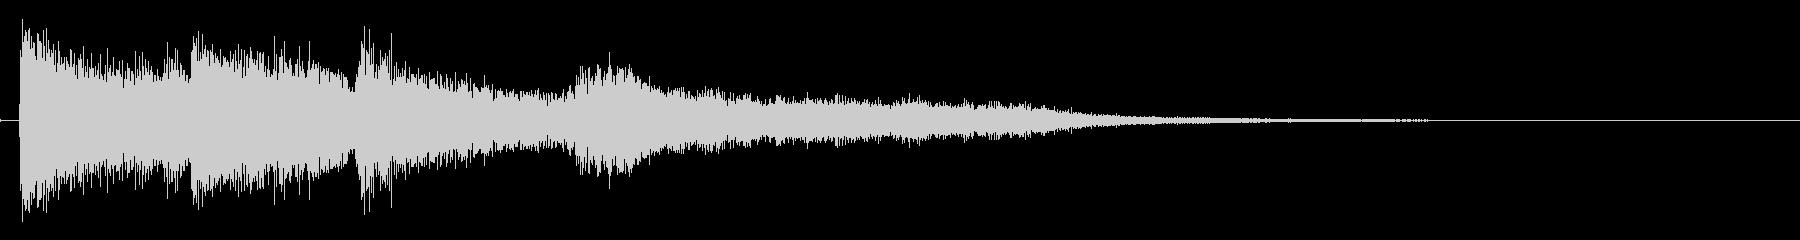 爽やかなピアノのサウンドロゴの未再生の波形